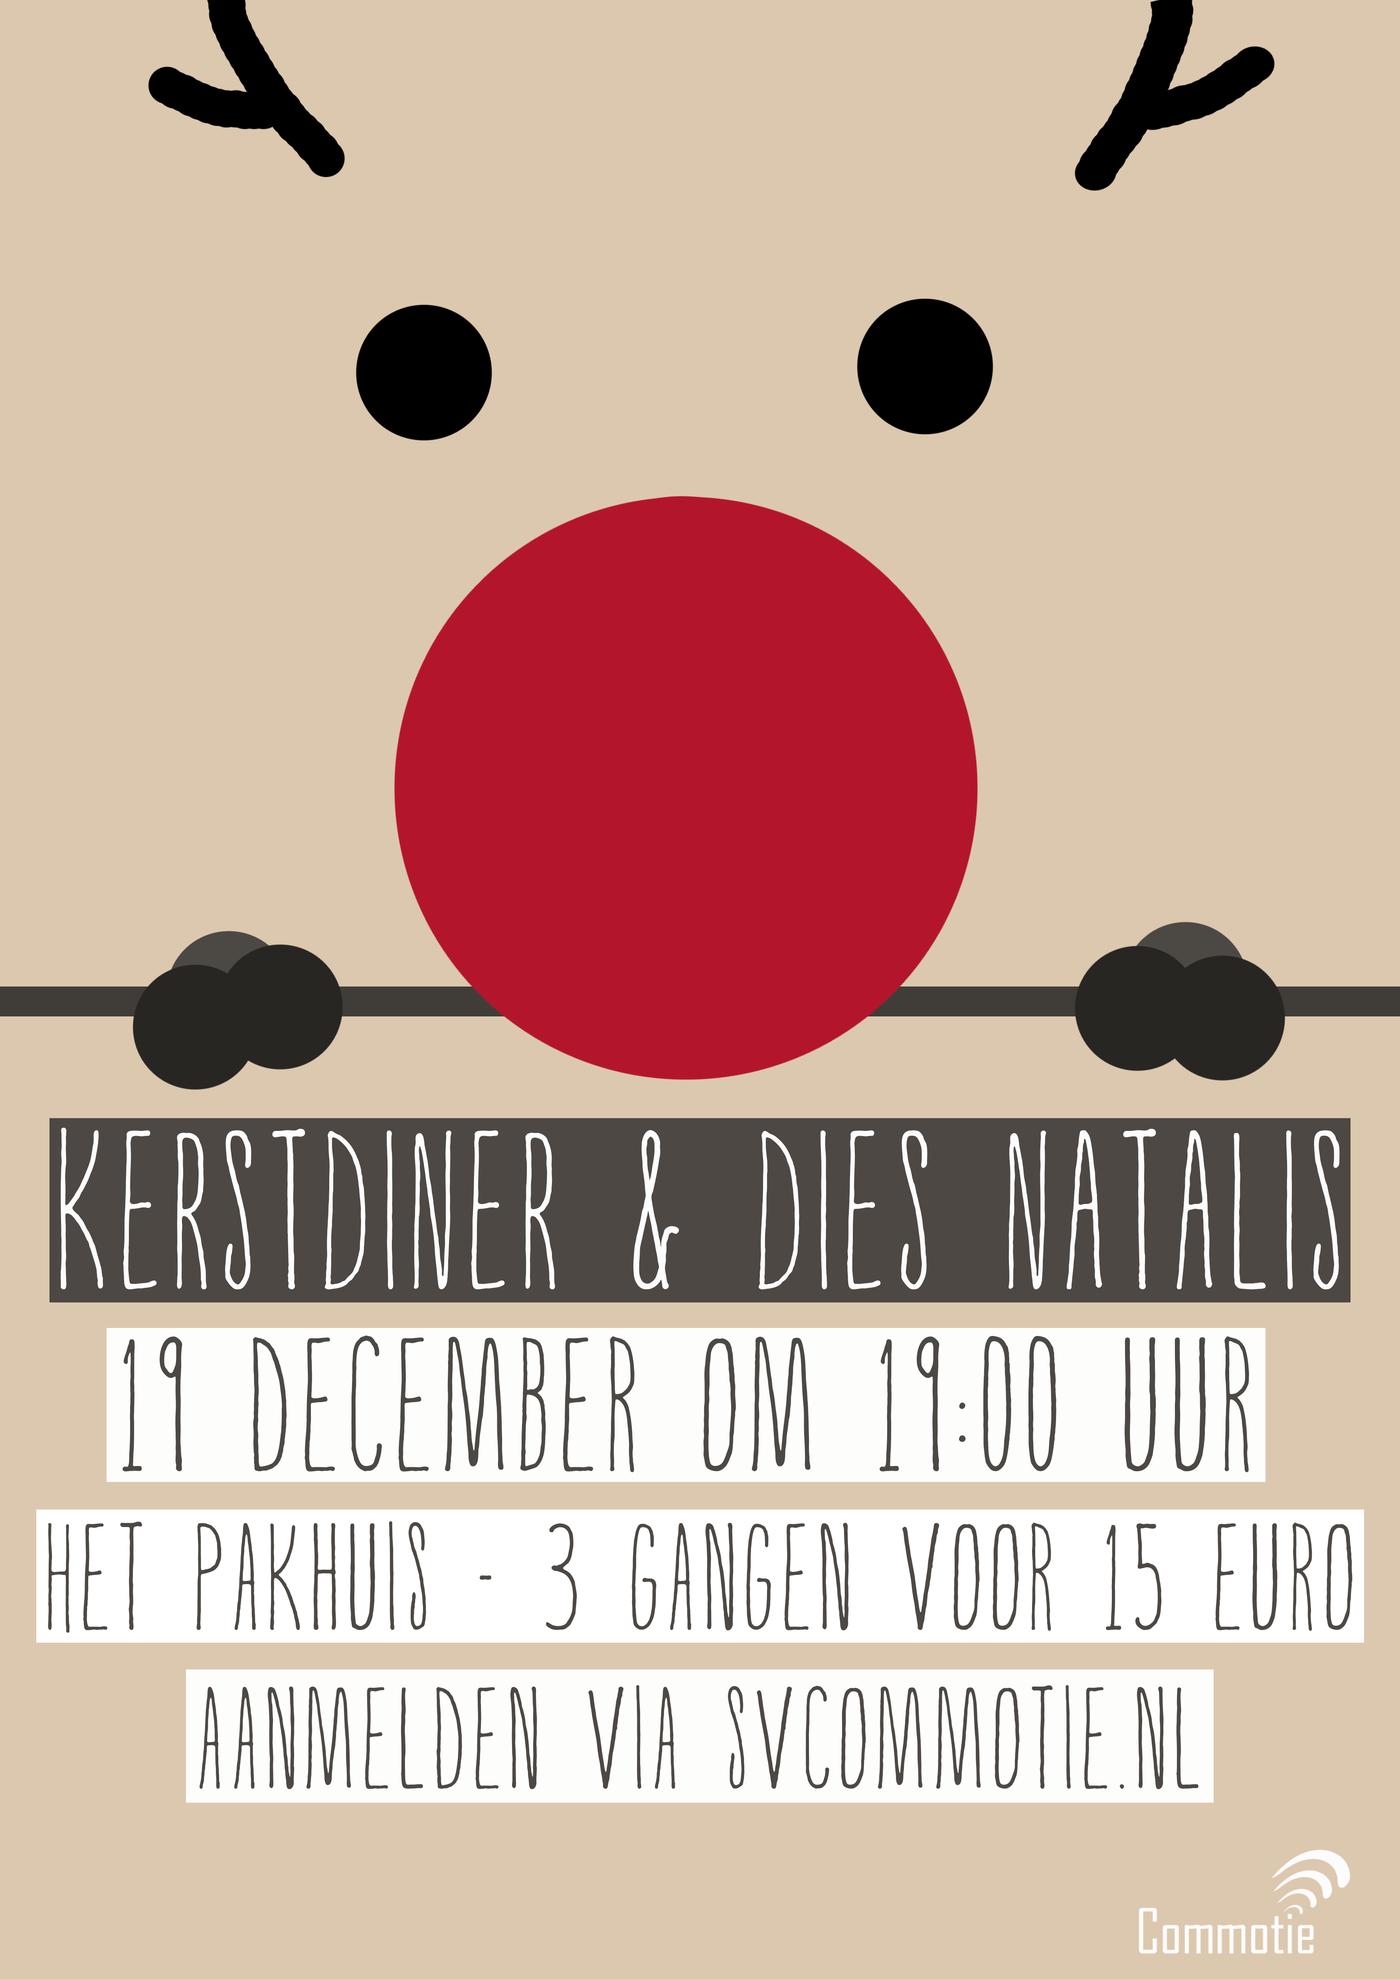 Kerstdiner + Dies Natalis